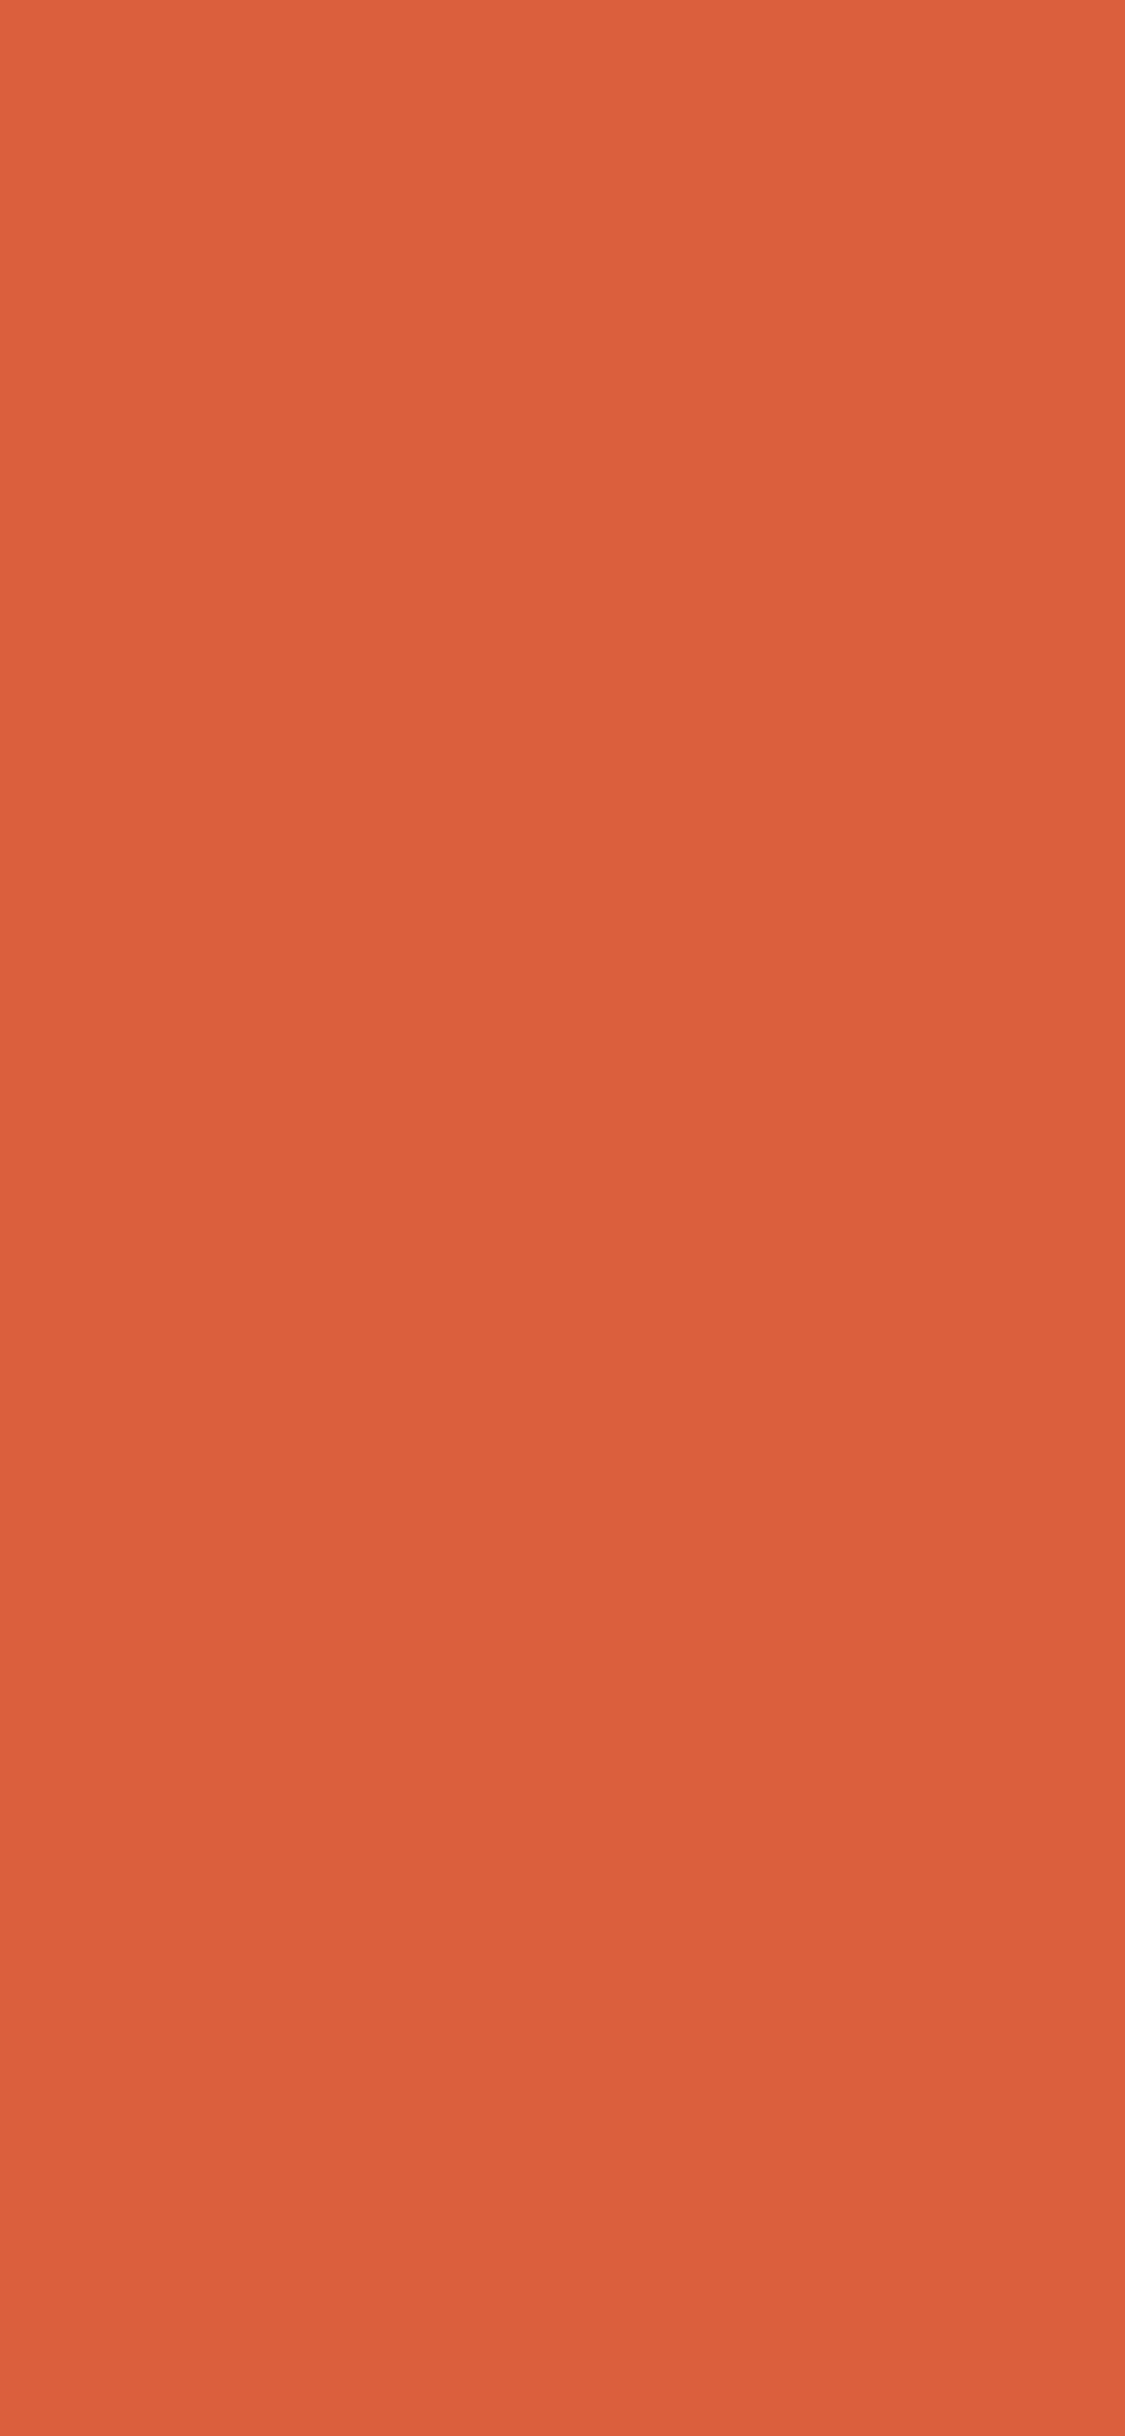 1125x2436 Vermilion Plochere Solid Color Background